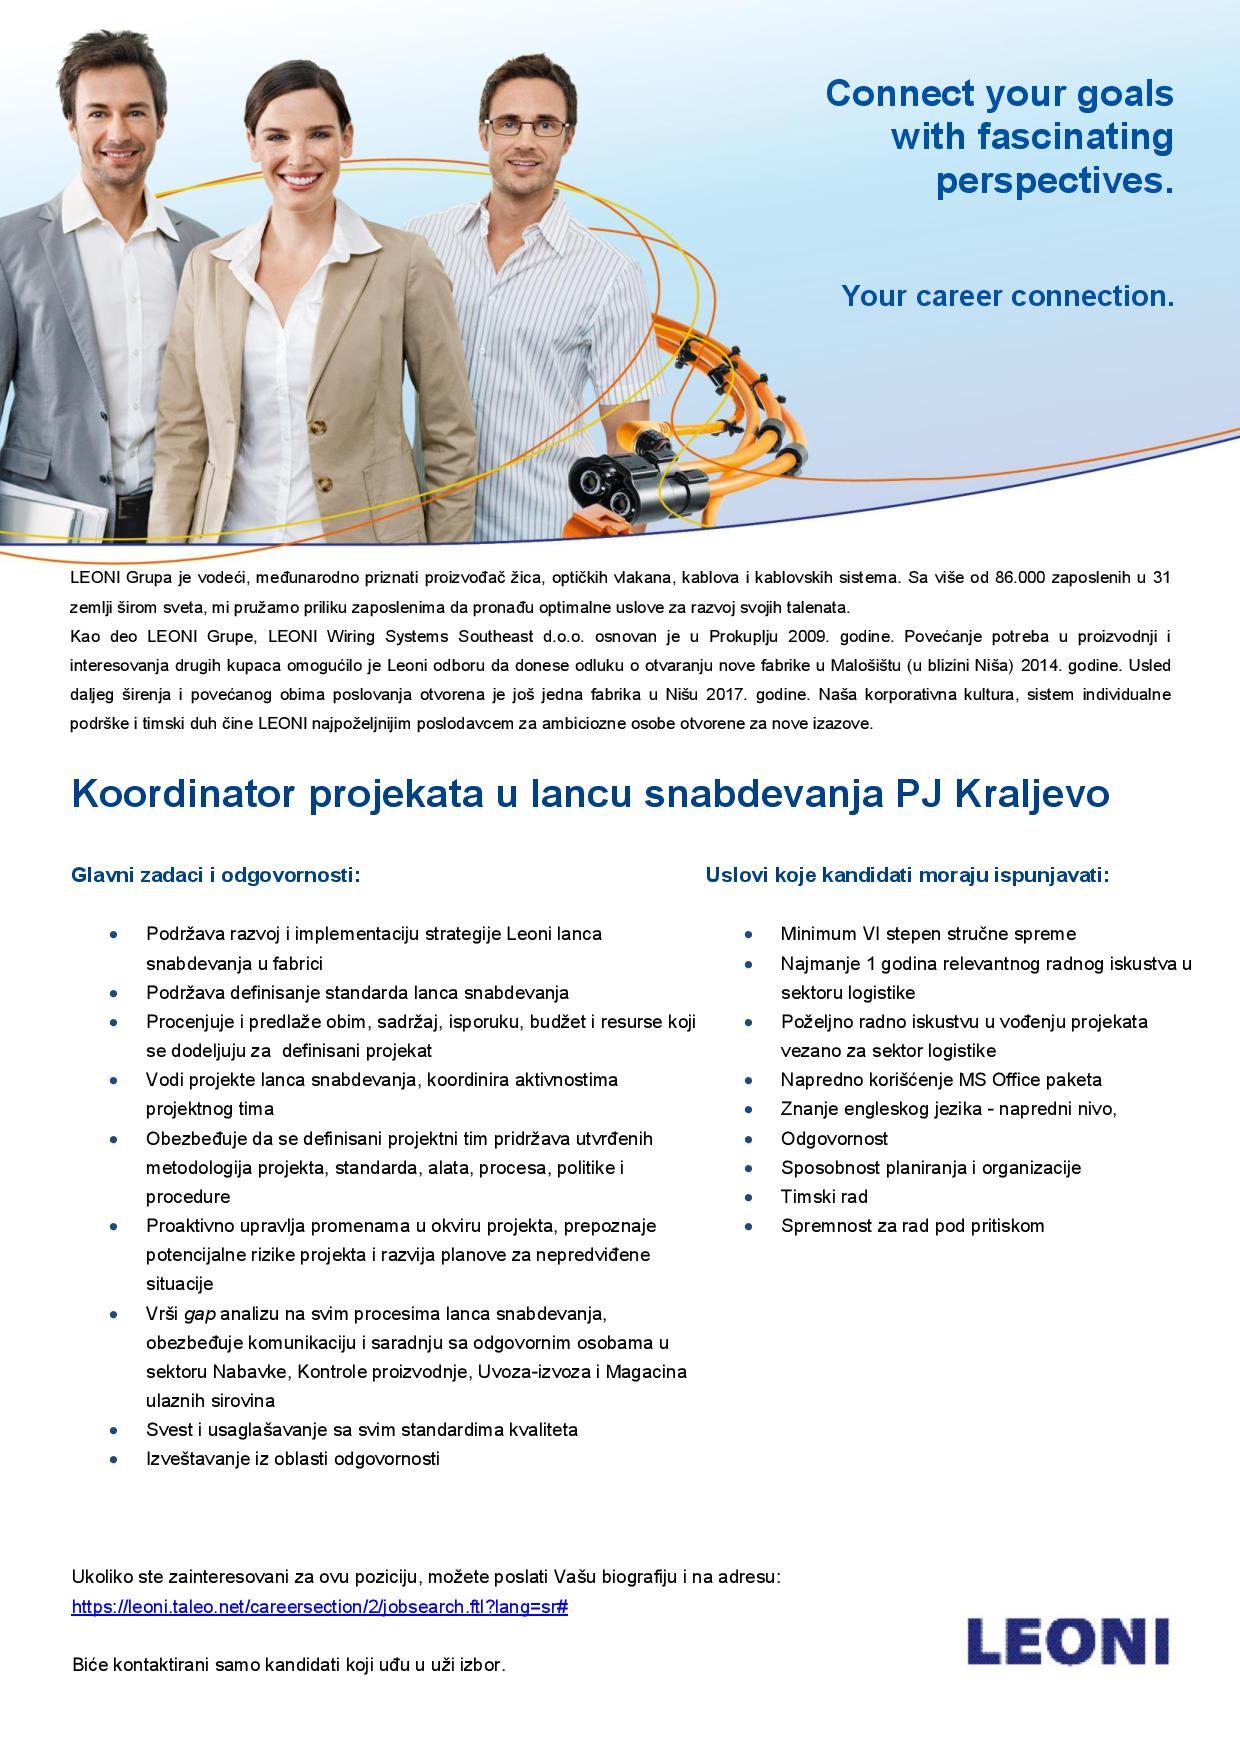 Koordinator projekata u lancu snabdevanja PJ Kraljevo